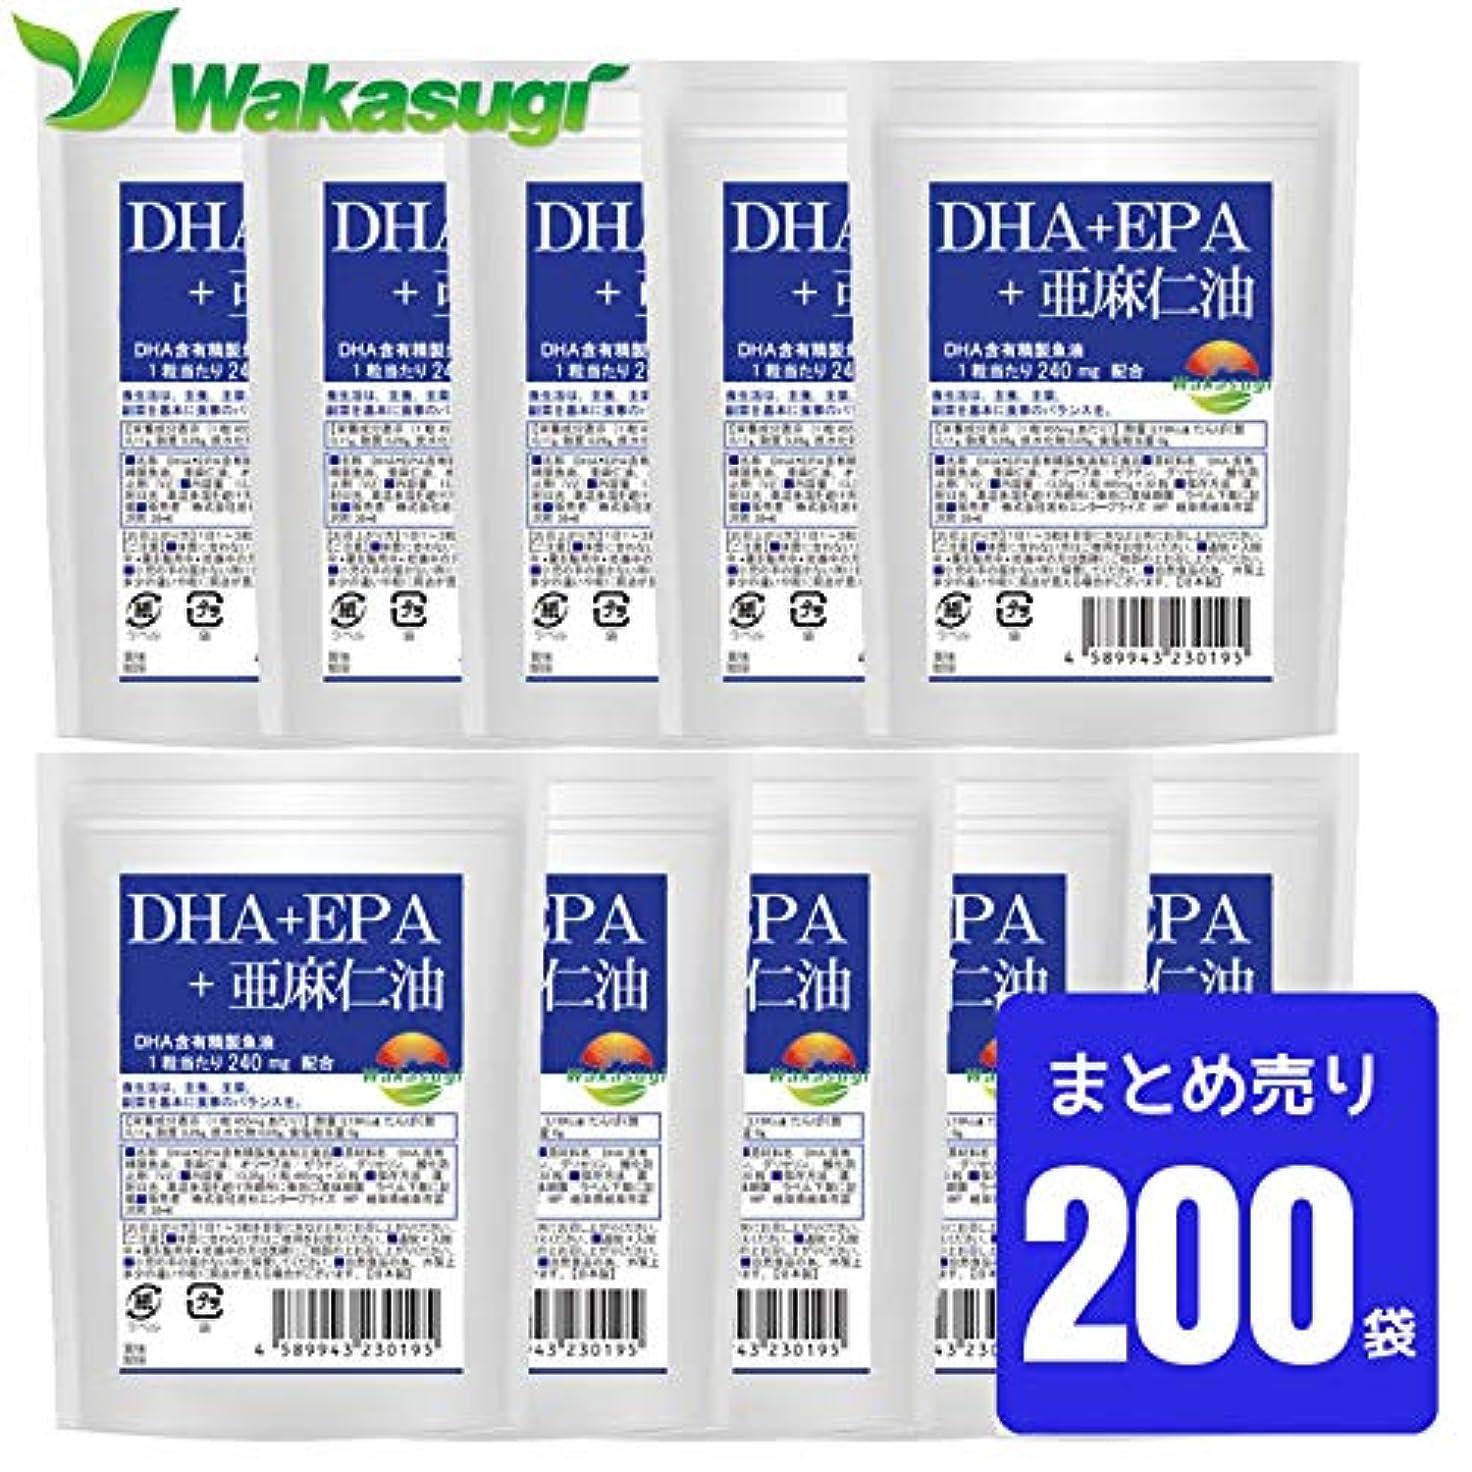 否認するしおれた新聞DHA+EPA+亜麻仁油 ソフトカプセル30粒 200袋 合計6,000粒 まとめ売り